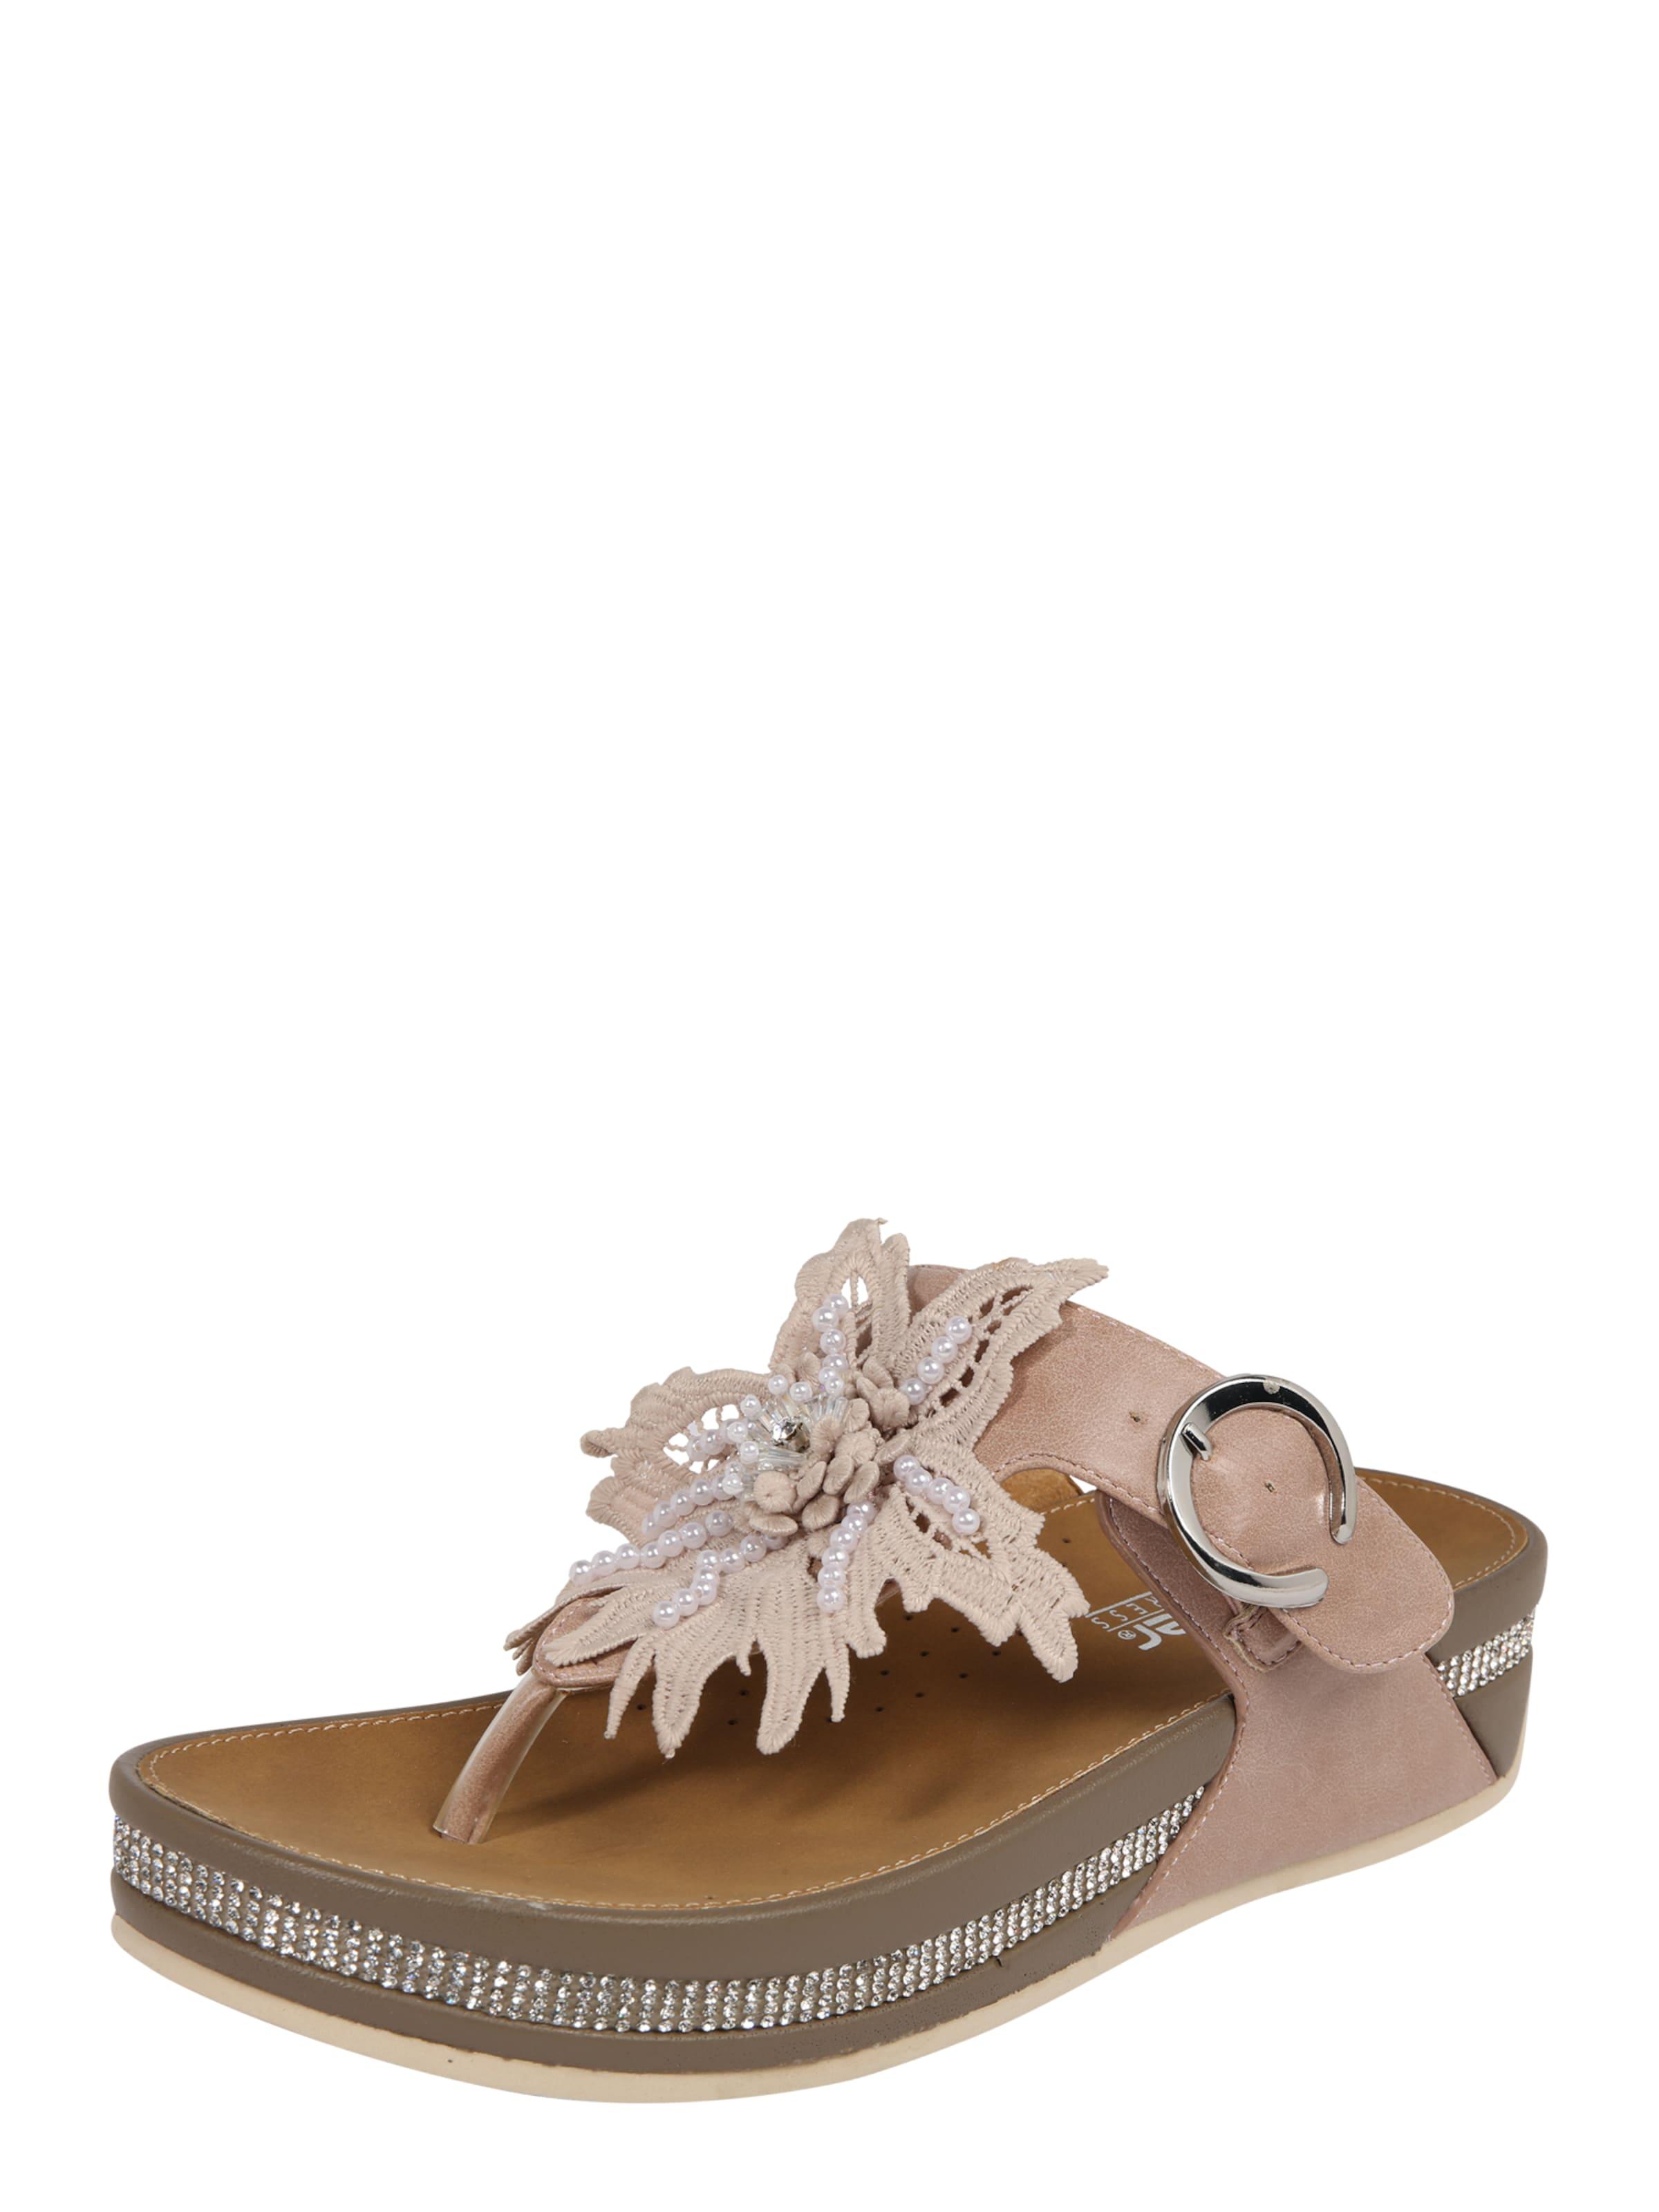 gehobene Qualität geeignet für Männer/Frauen modisches und attraktives Paket In Rosa Rosa Sandale In In Rosa Rieker Rieker Sandale dtsrhQ